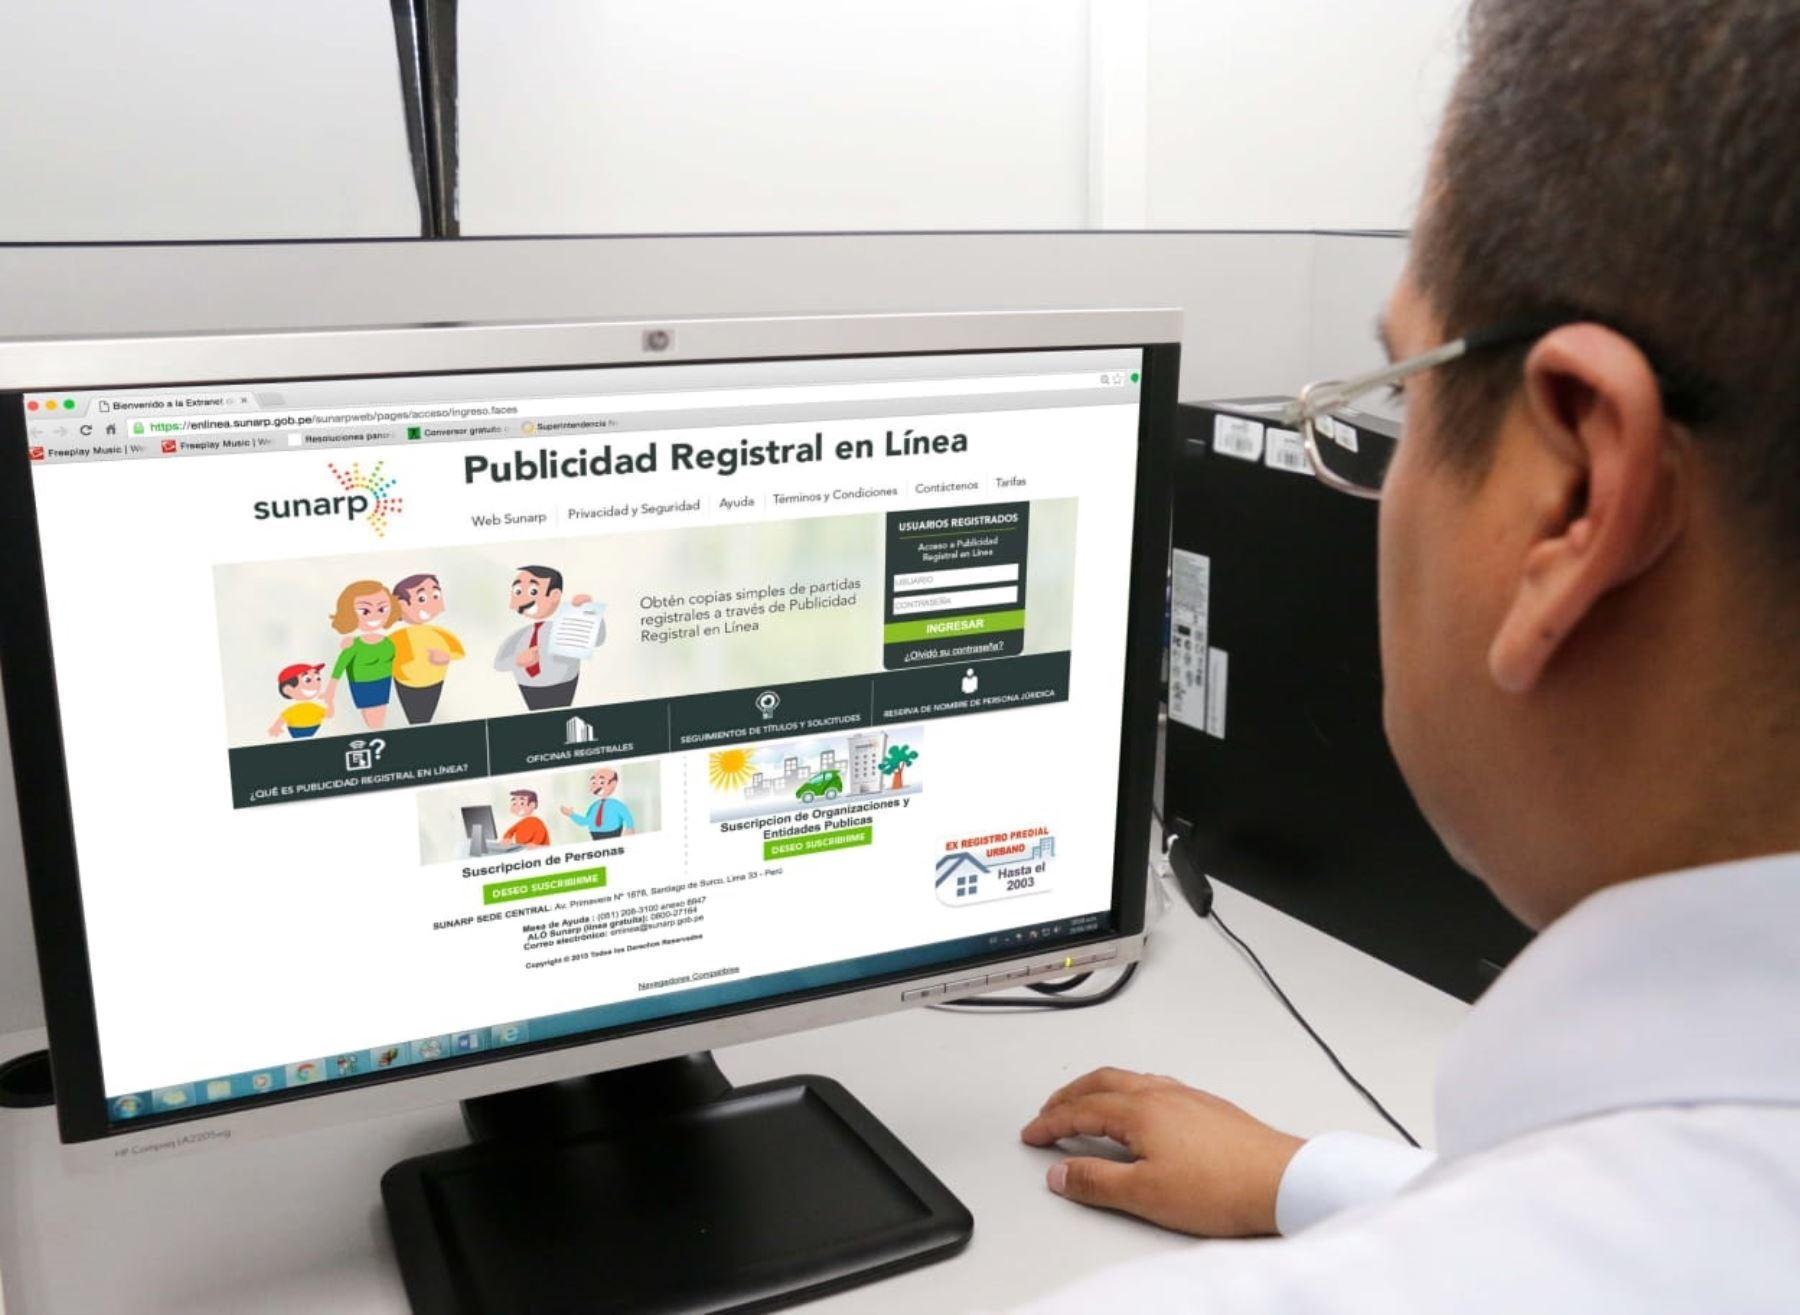 Usuarios tramitaron sus certificados sin salir de su casa a través del Servicio de Publicidad Registral en Línea (SPRL). Foto: Sunarp